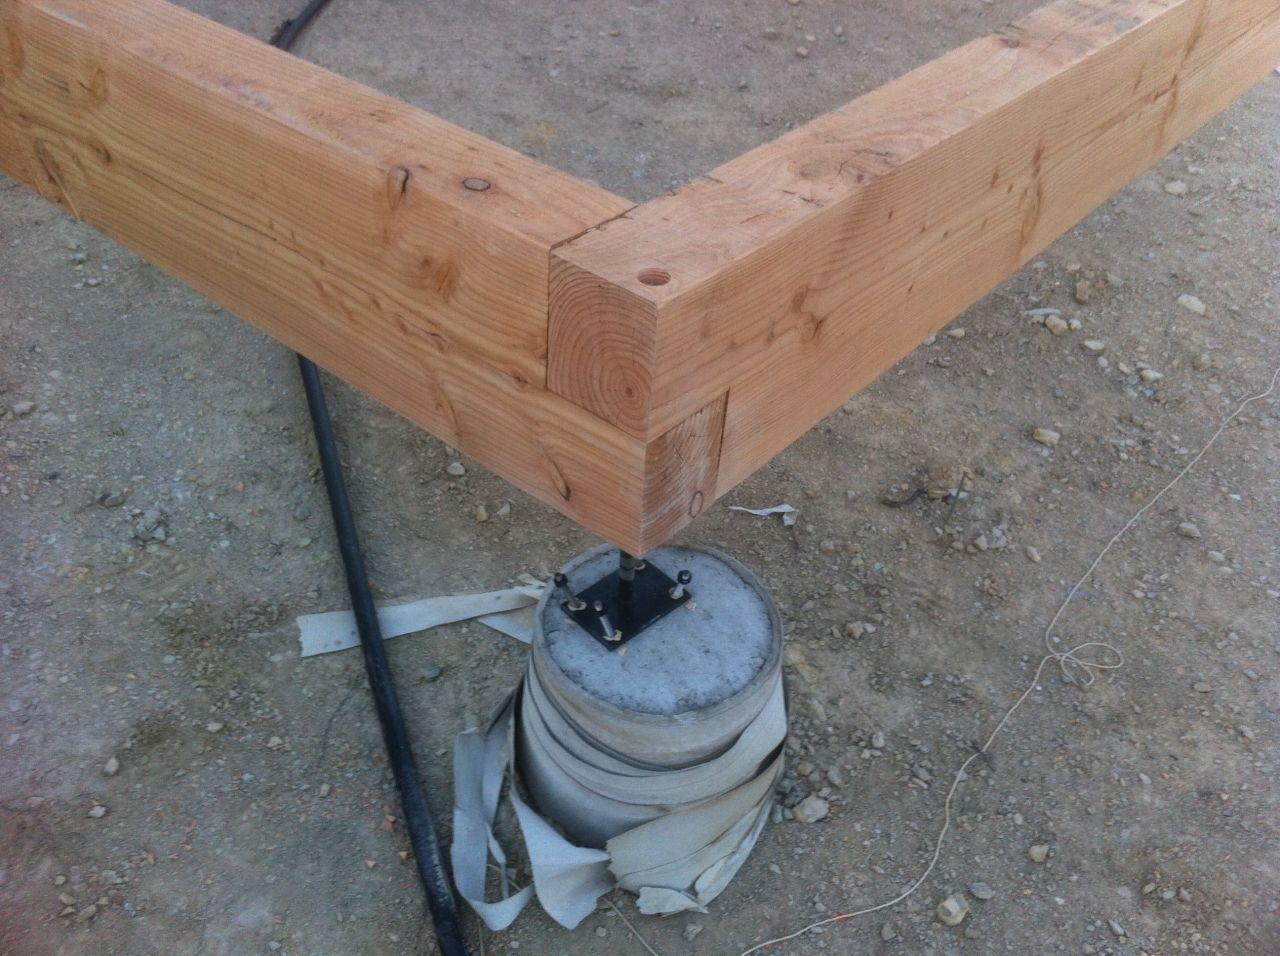 Dans l'angle il y a un assemblage à mi-bois avec un gros tirefond pour serrer, à l'intérieur il y a deux grosses équerres